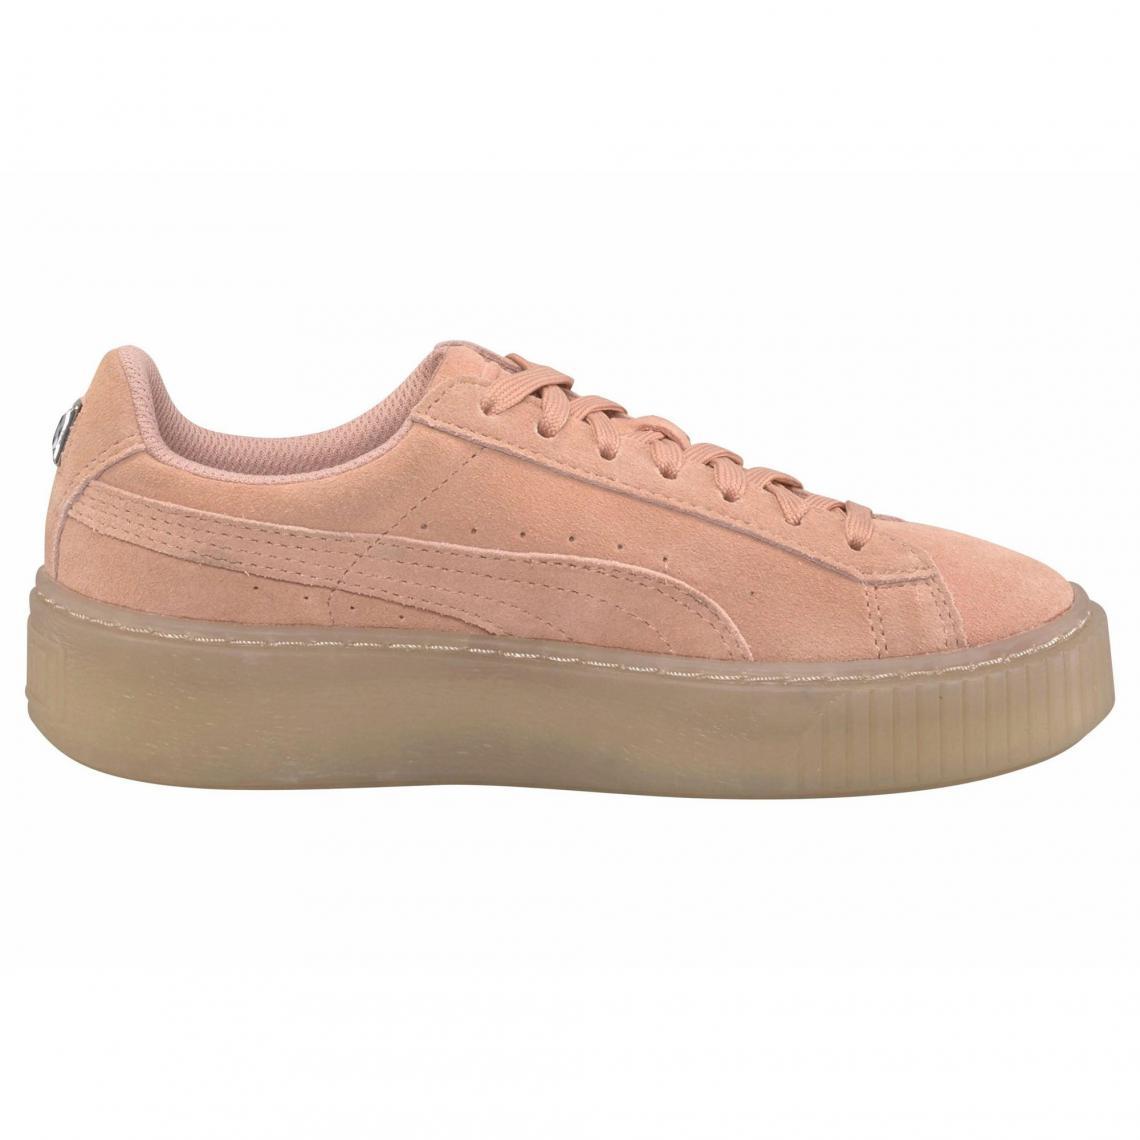 c58c9a7ff1497 Chaussures fille Puma Cliquez l image pour l agrandir. Sneakers junior Suede  Platform ...